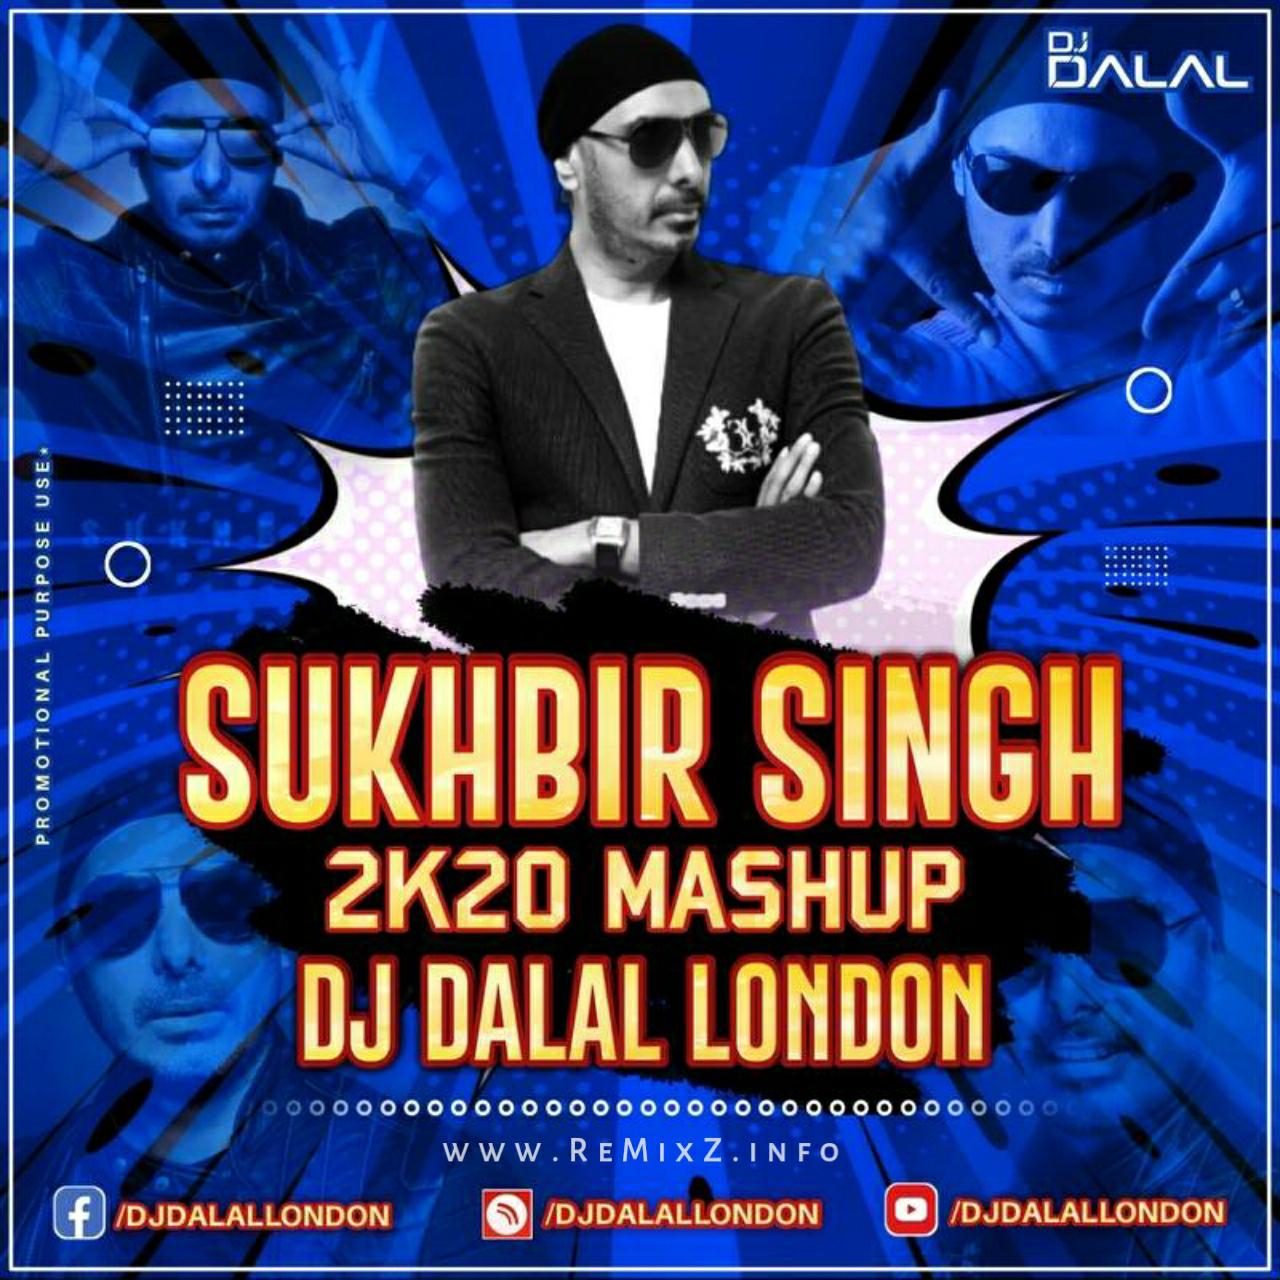 sukhbir-singh-mashup-dj-dalal-london.jpg